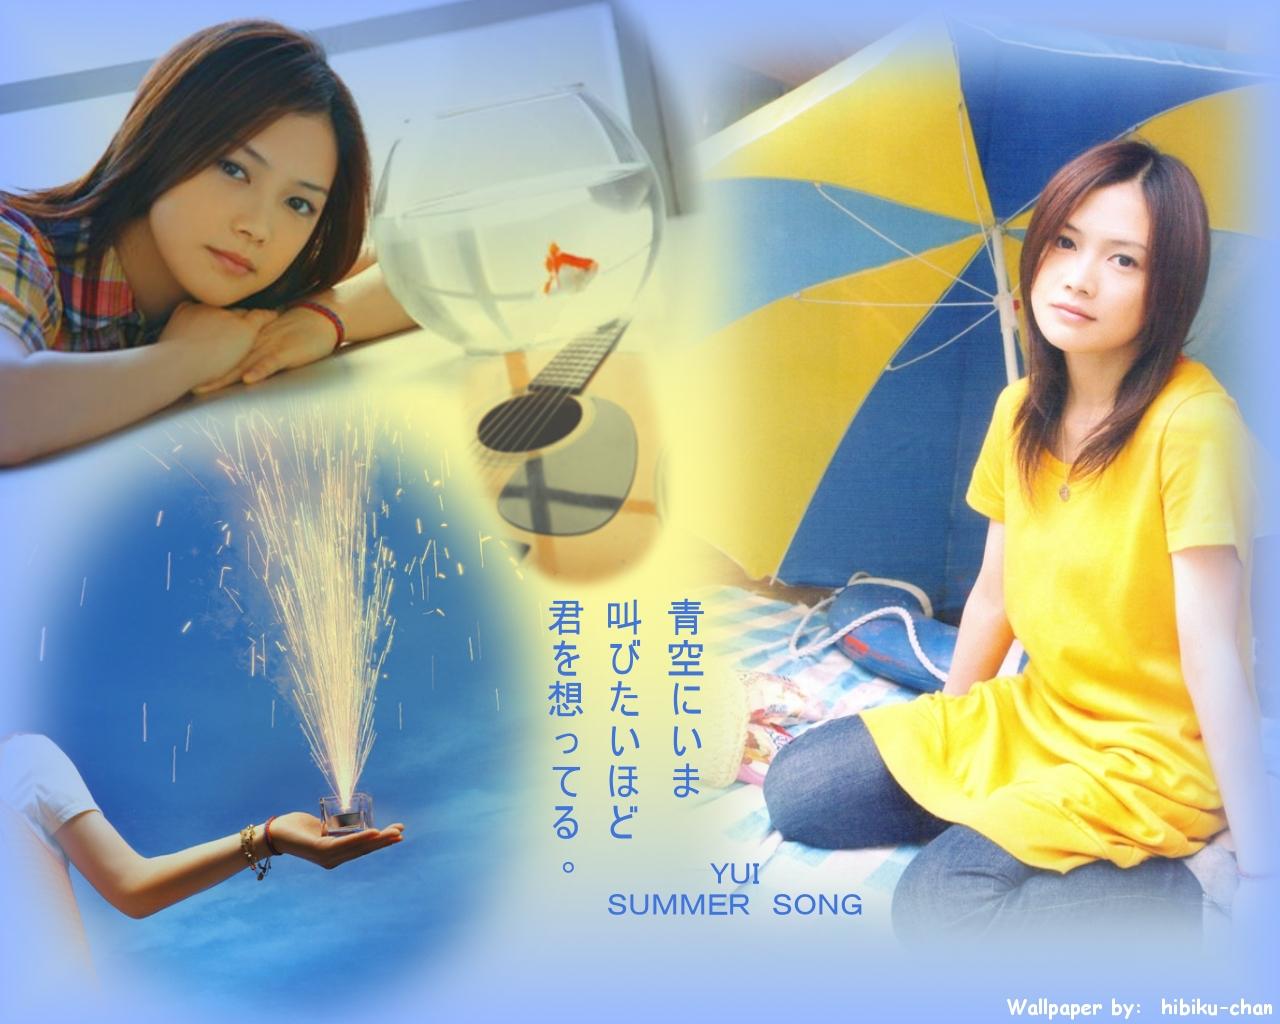 Yui (singer)